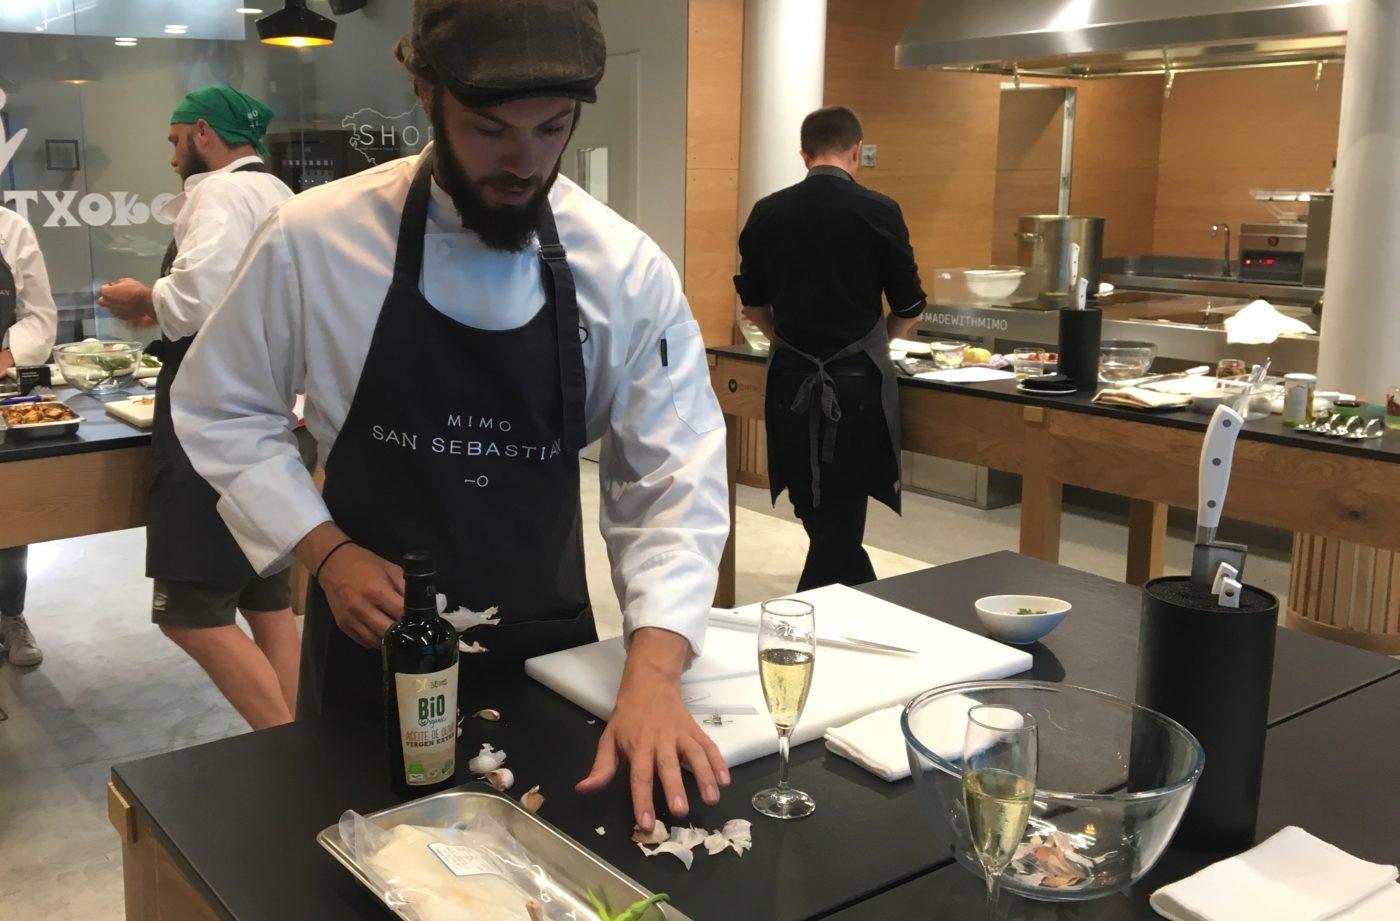 Seminaire incentive direction san sebastian saint sebastien team building cours de cuisine croisiere societe gastronomique agence voyage receptive evenementielle erronda